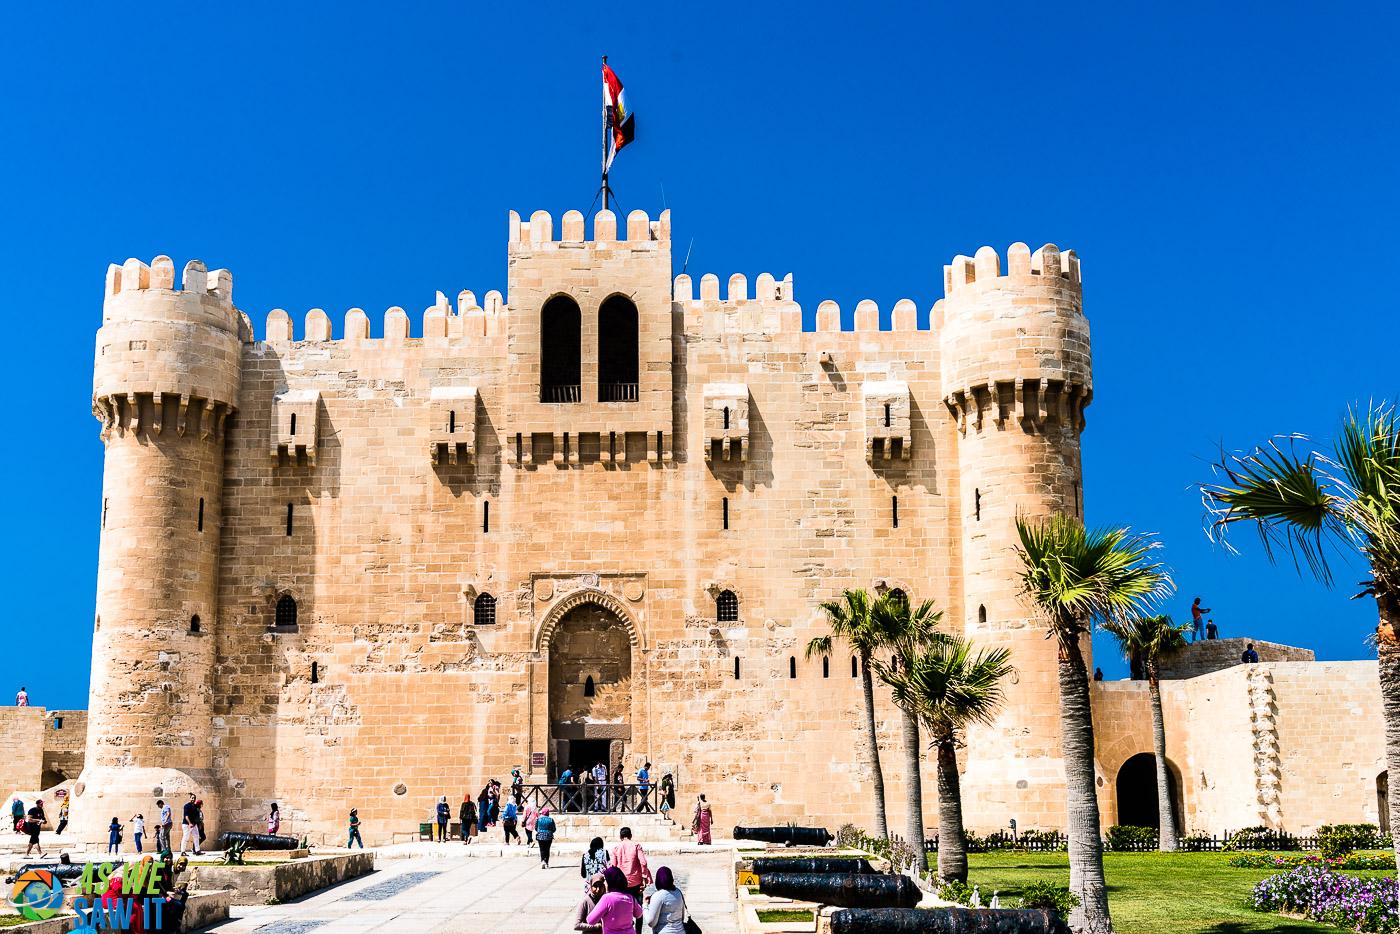 Qaitbay Citadel, Alexanderia, Egypt